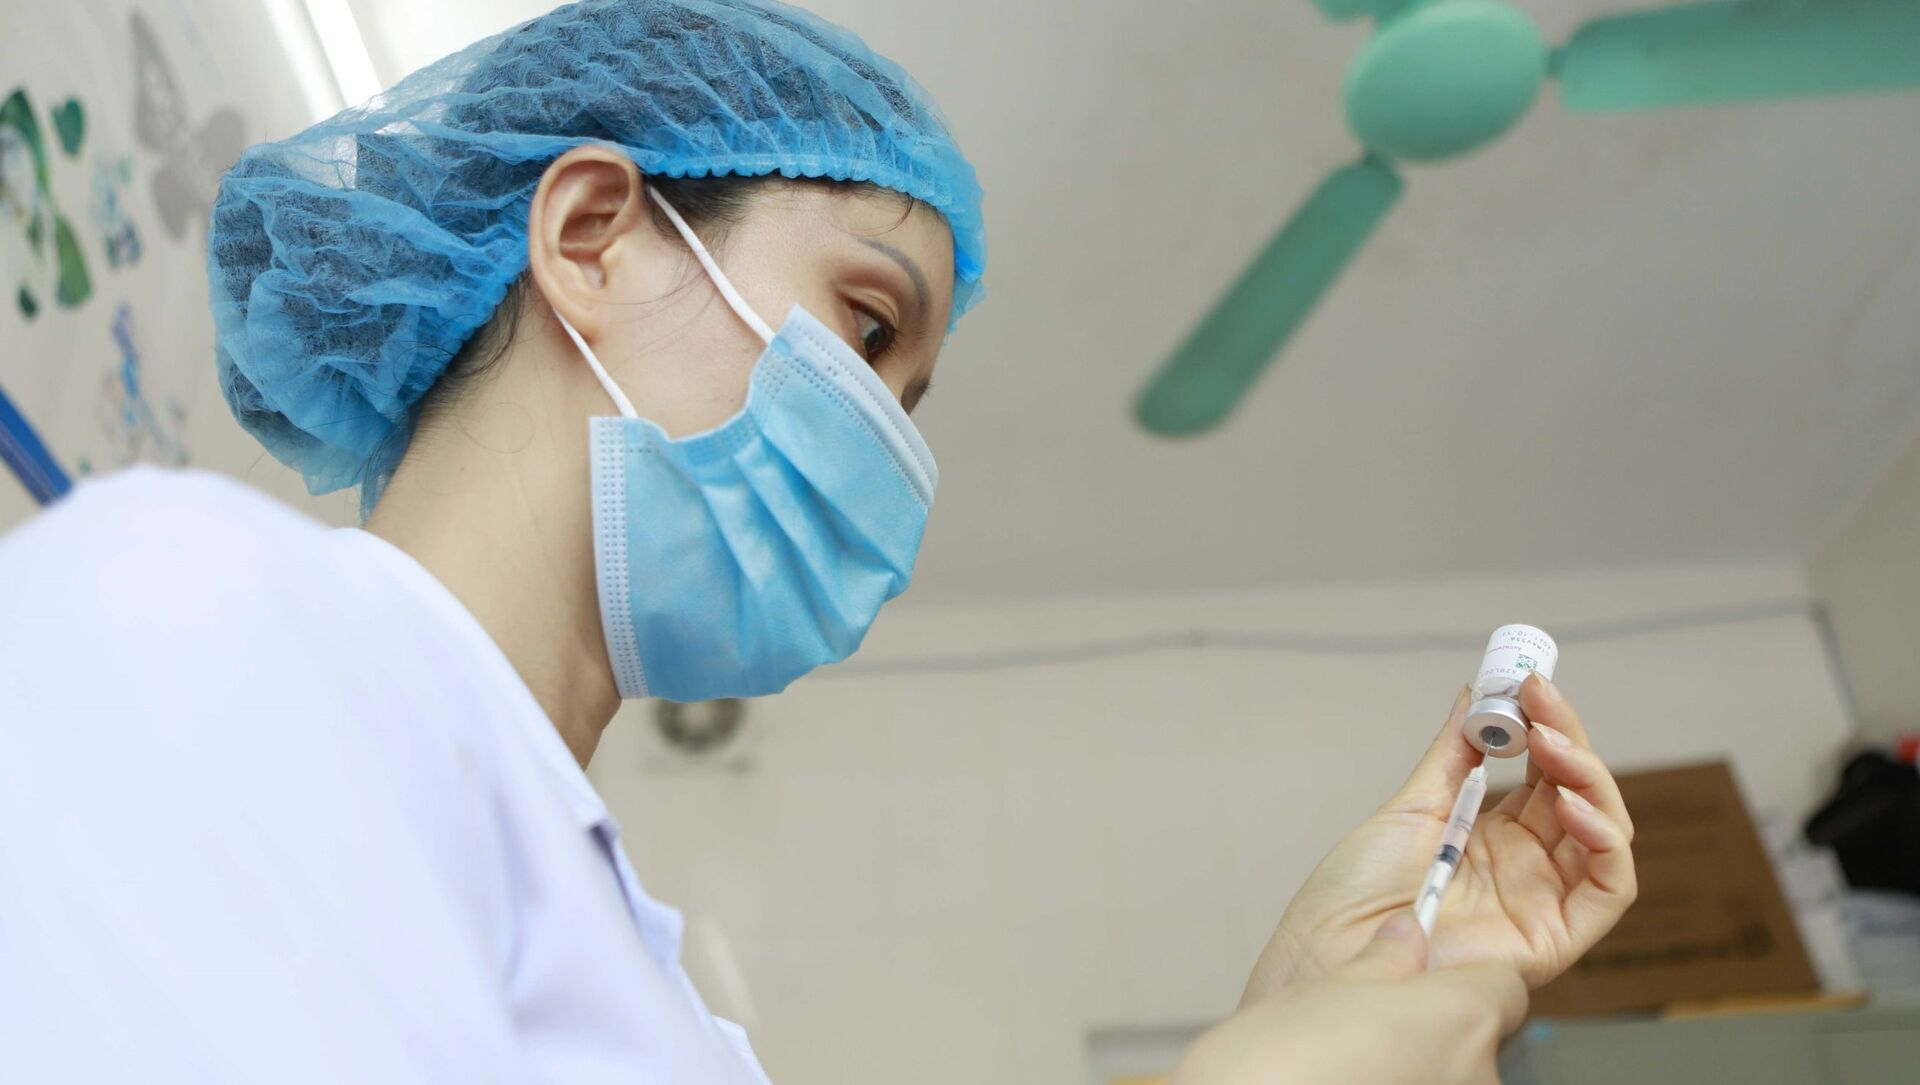 Chuẩn bị vaccine trước khi tiêm cho đối tượng ưu tiên tại Trung tâm y tế thành phố Vĩnh Yên, tỉnh Vĩnh Phúc - Sputnik Việt Nam, 1920, 16.07.2021